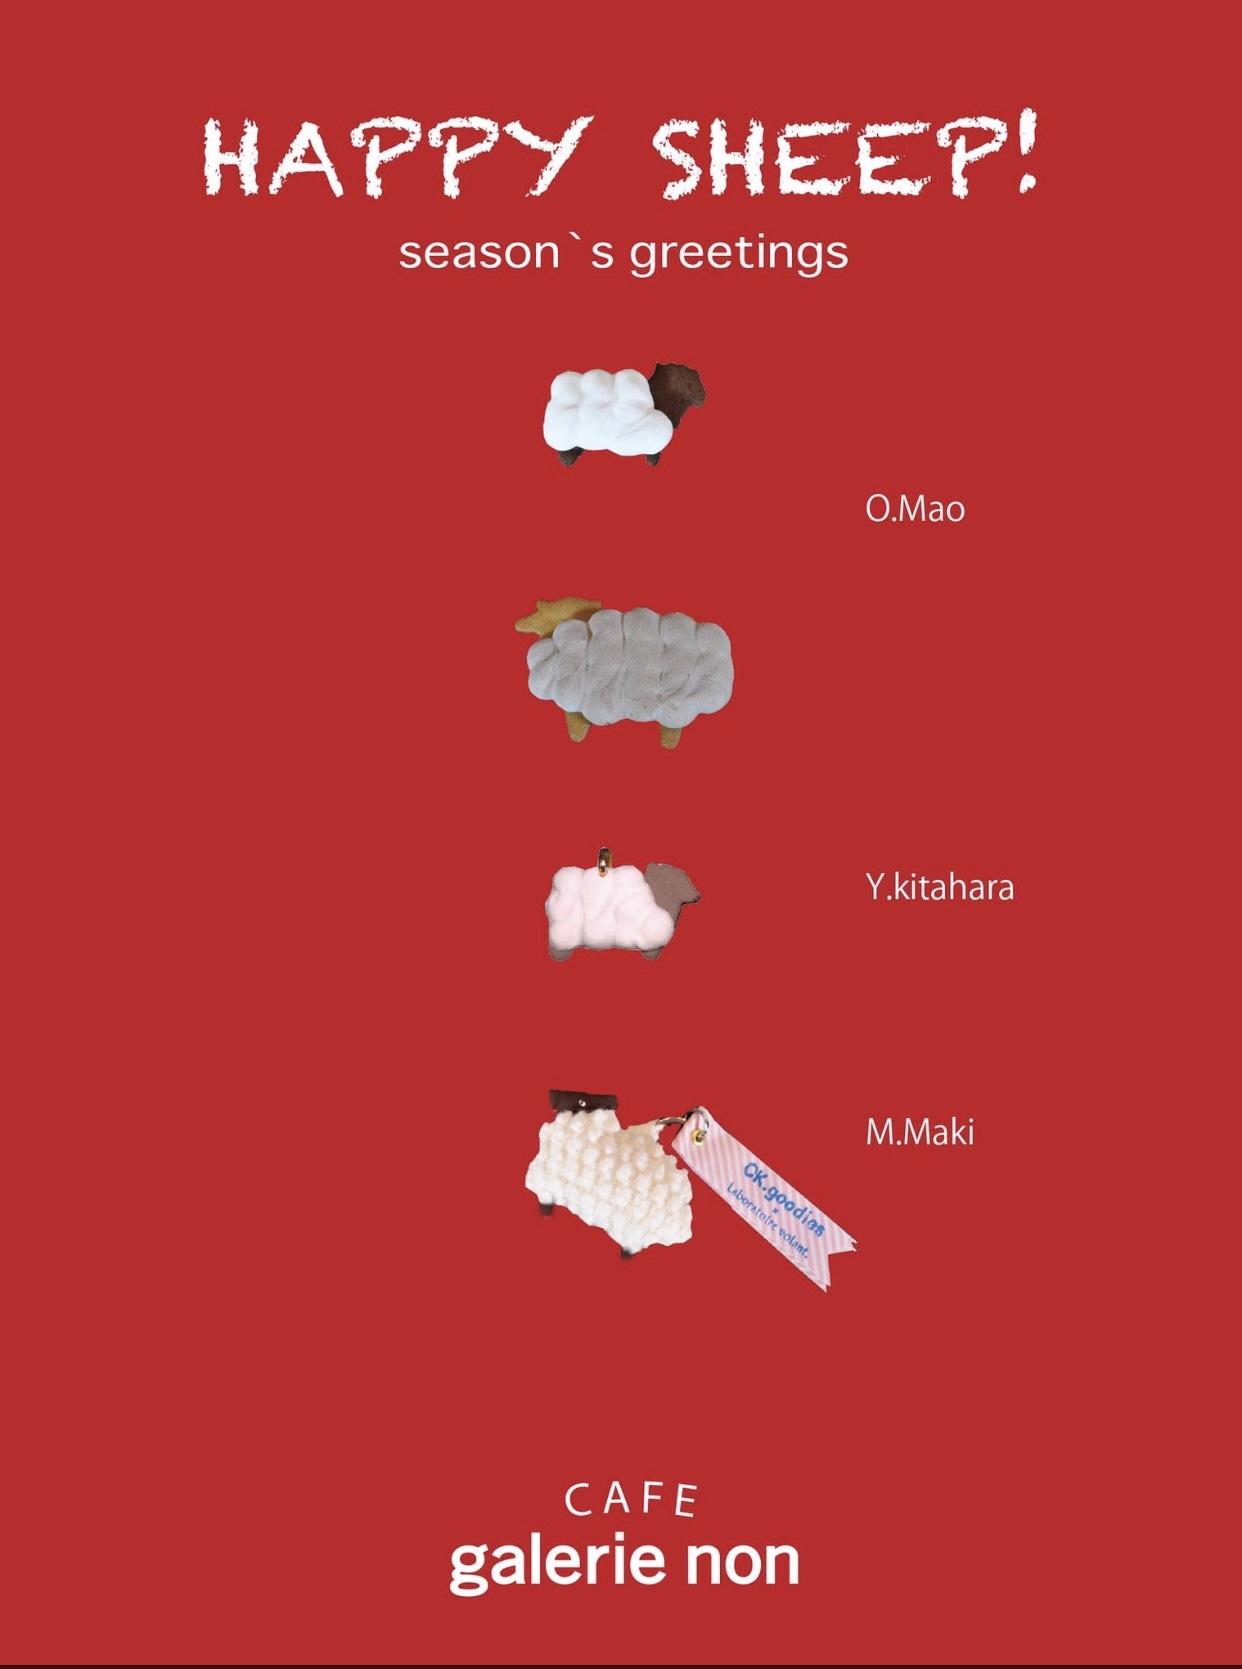 ひつじクッキーチャーム🐏付きクリスマスボックス販売中🎄@西荻窪ギャルリーノン_a0137727_20472383.jpeg